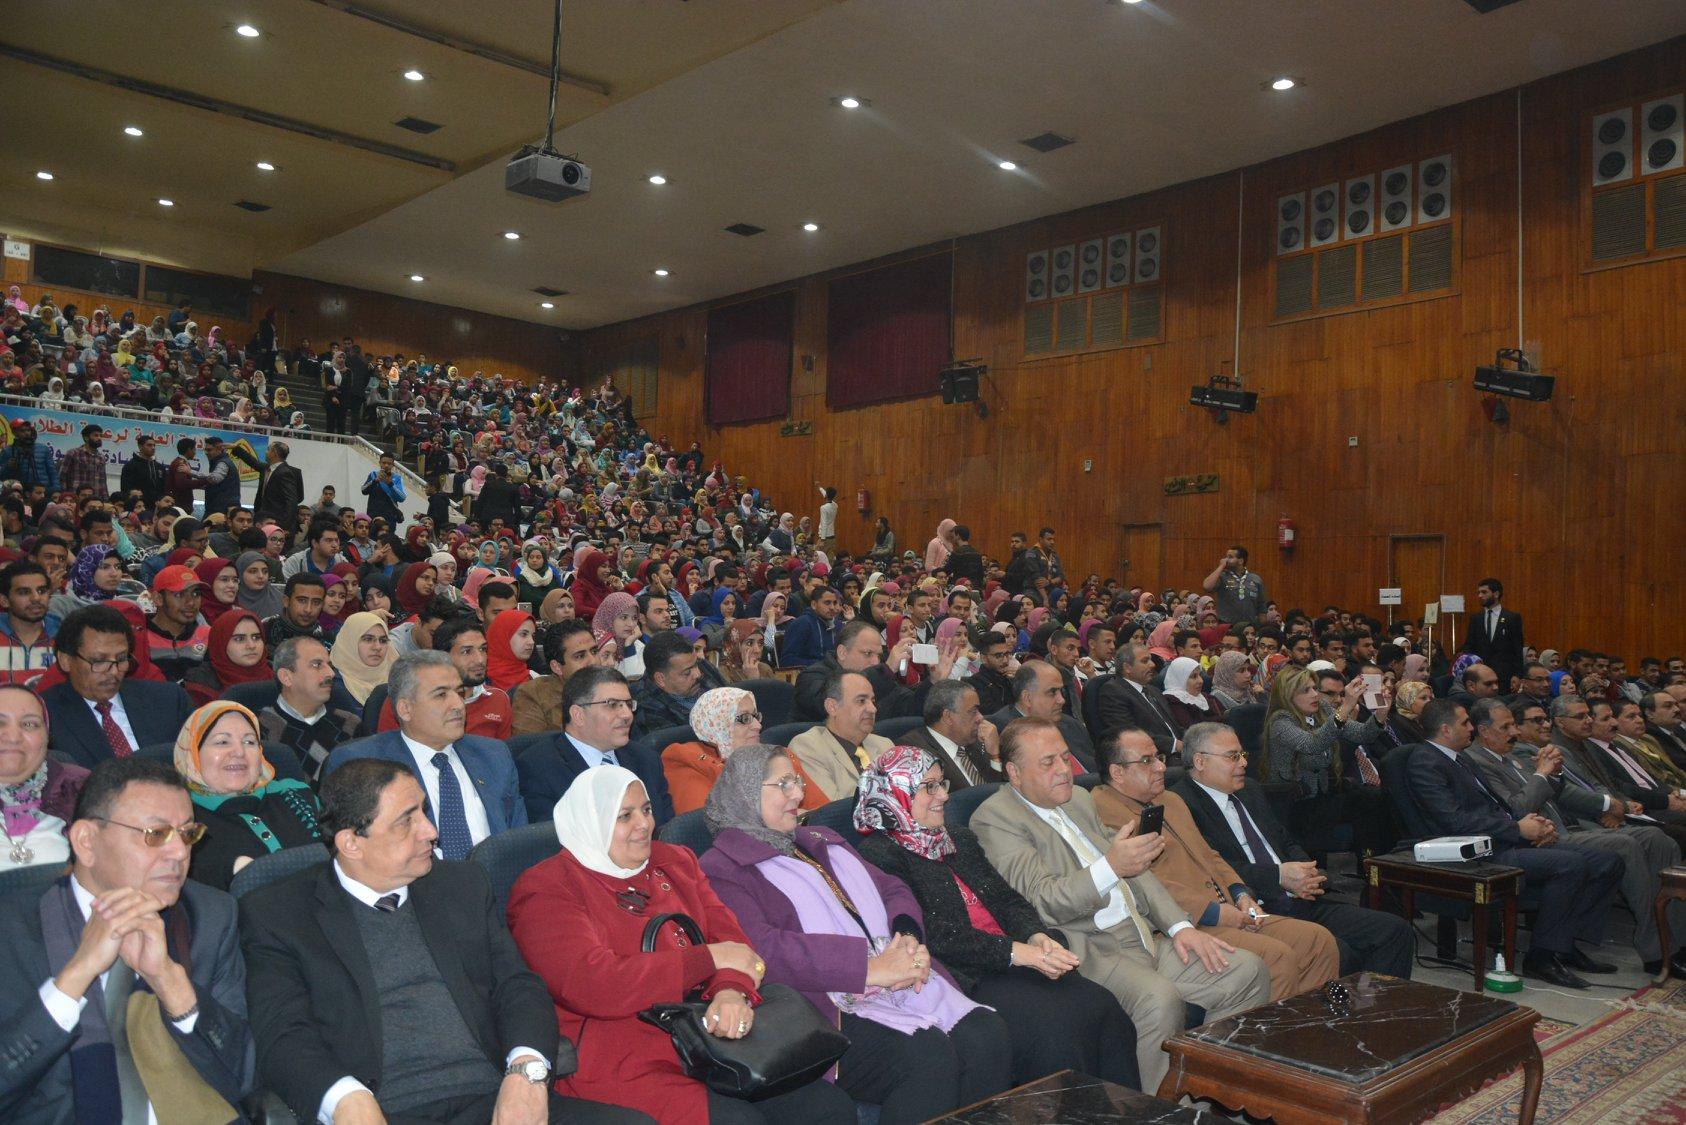 الزقازيق تناقش تأثير الدراما المصرية على ثقافة الشباب1